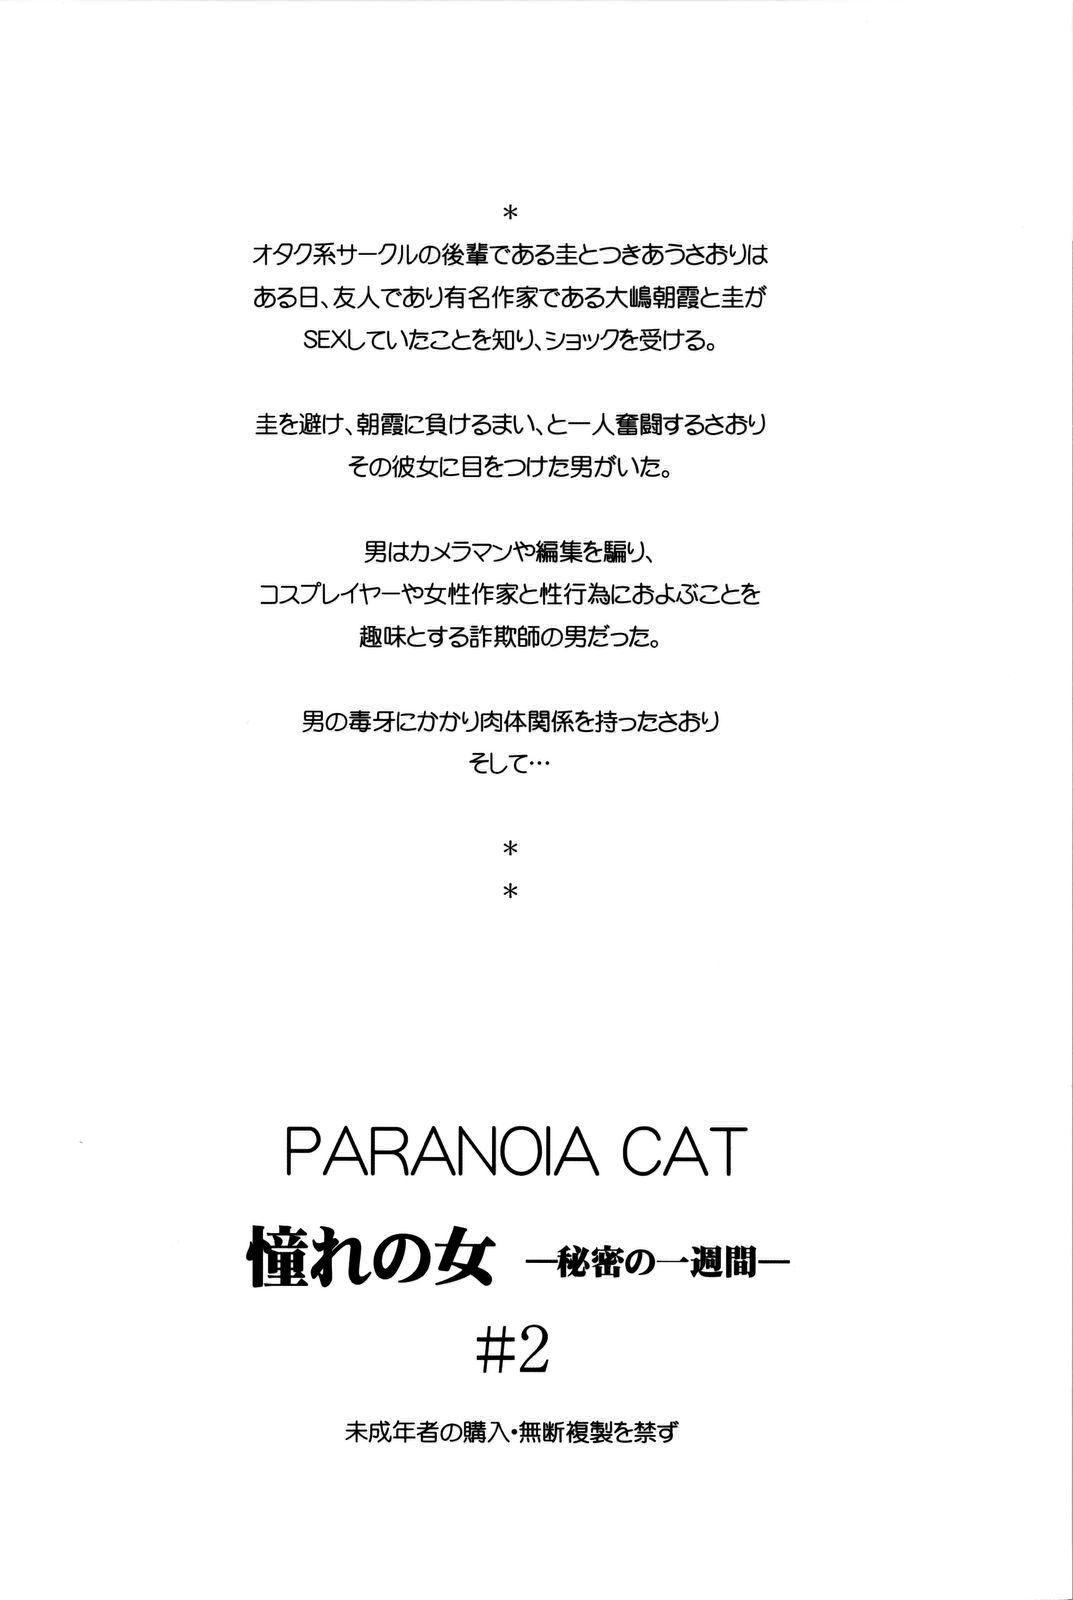 (C74) [Paranoia Cat (Fujiwara Shunichi)] Akogare no Hito -Himitsu no Isshuukan- #2 33